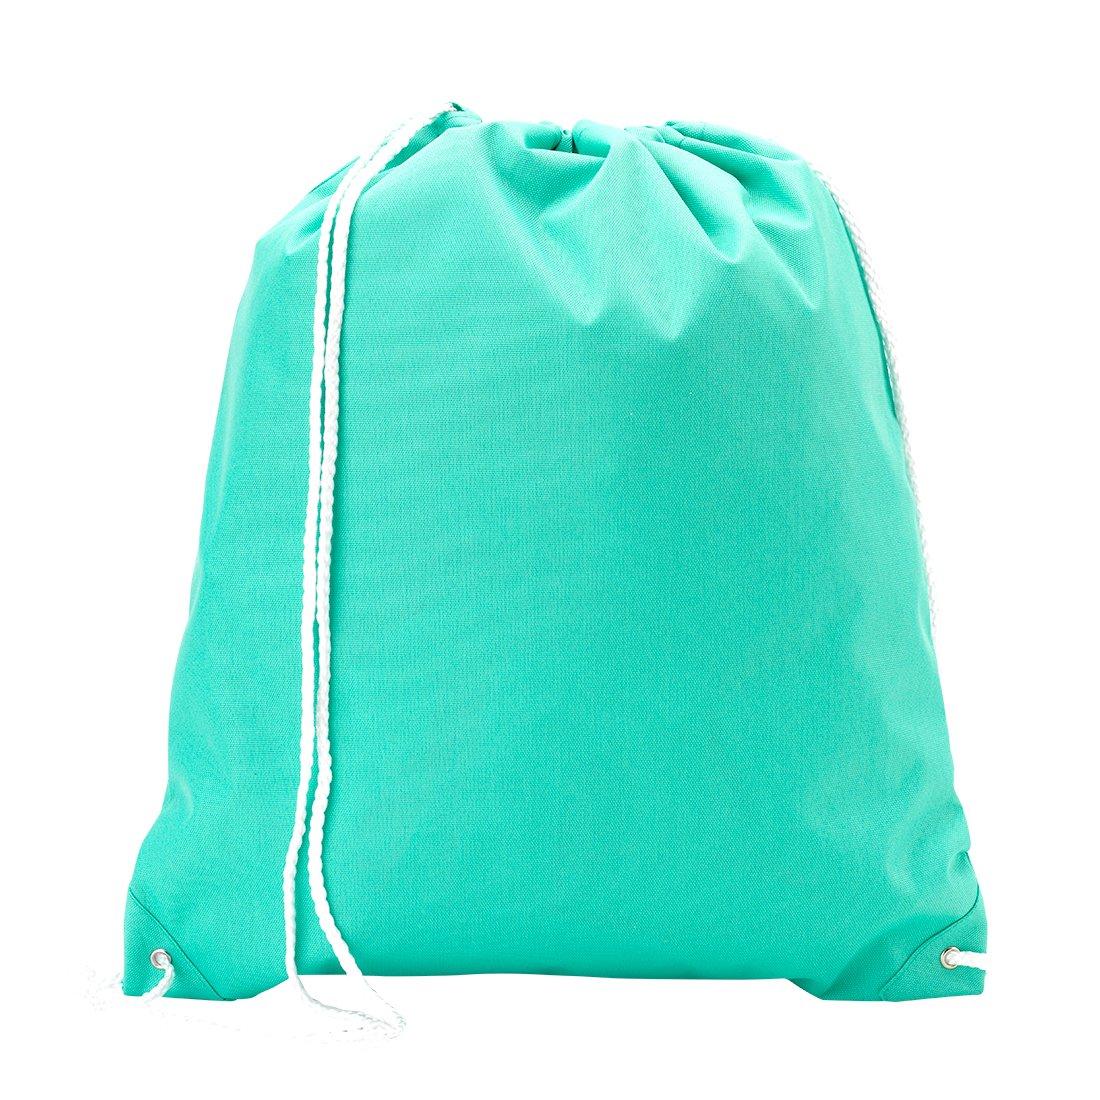 批发 精品背包 款式抽绳健身袋 纯薄荷绿,均码